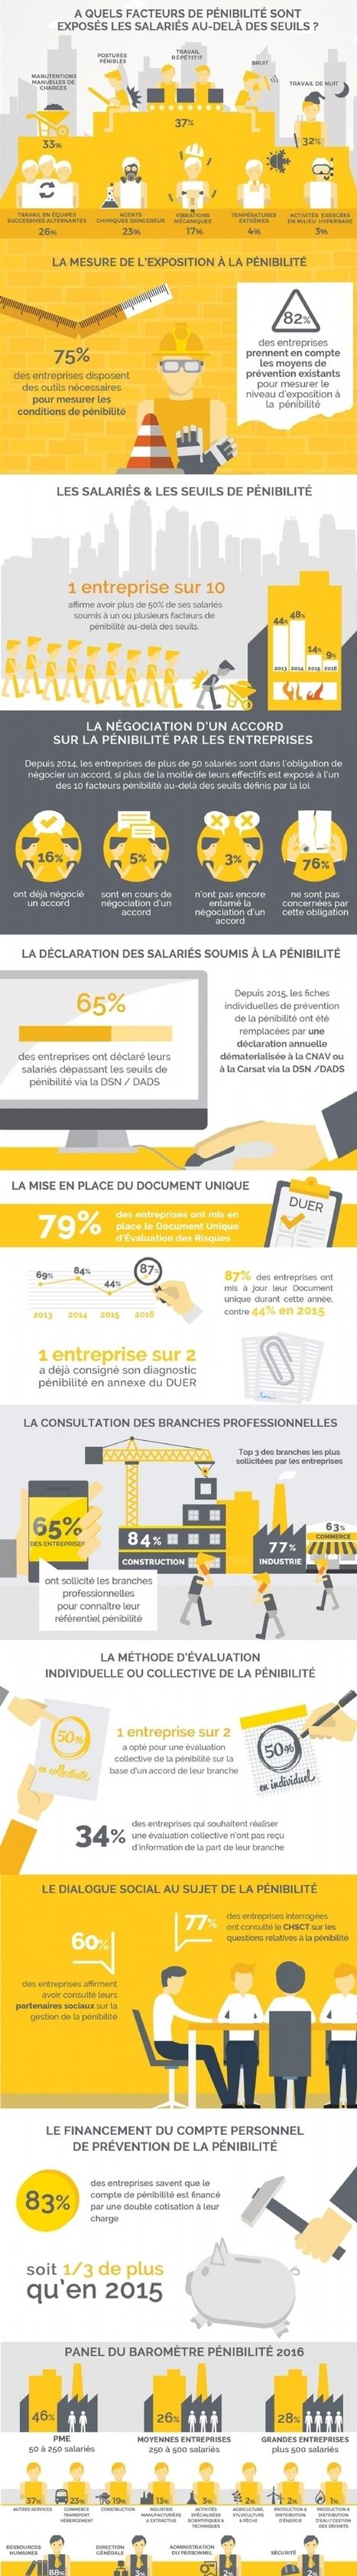 Prévention de la pénibilité : 3 entreprises sur 4 ont mis en place des outils d'évaluation des conditions de travail | TPE - PME & Startup | Scoop.it